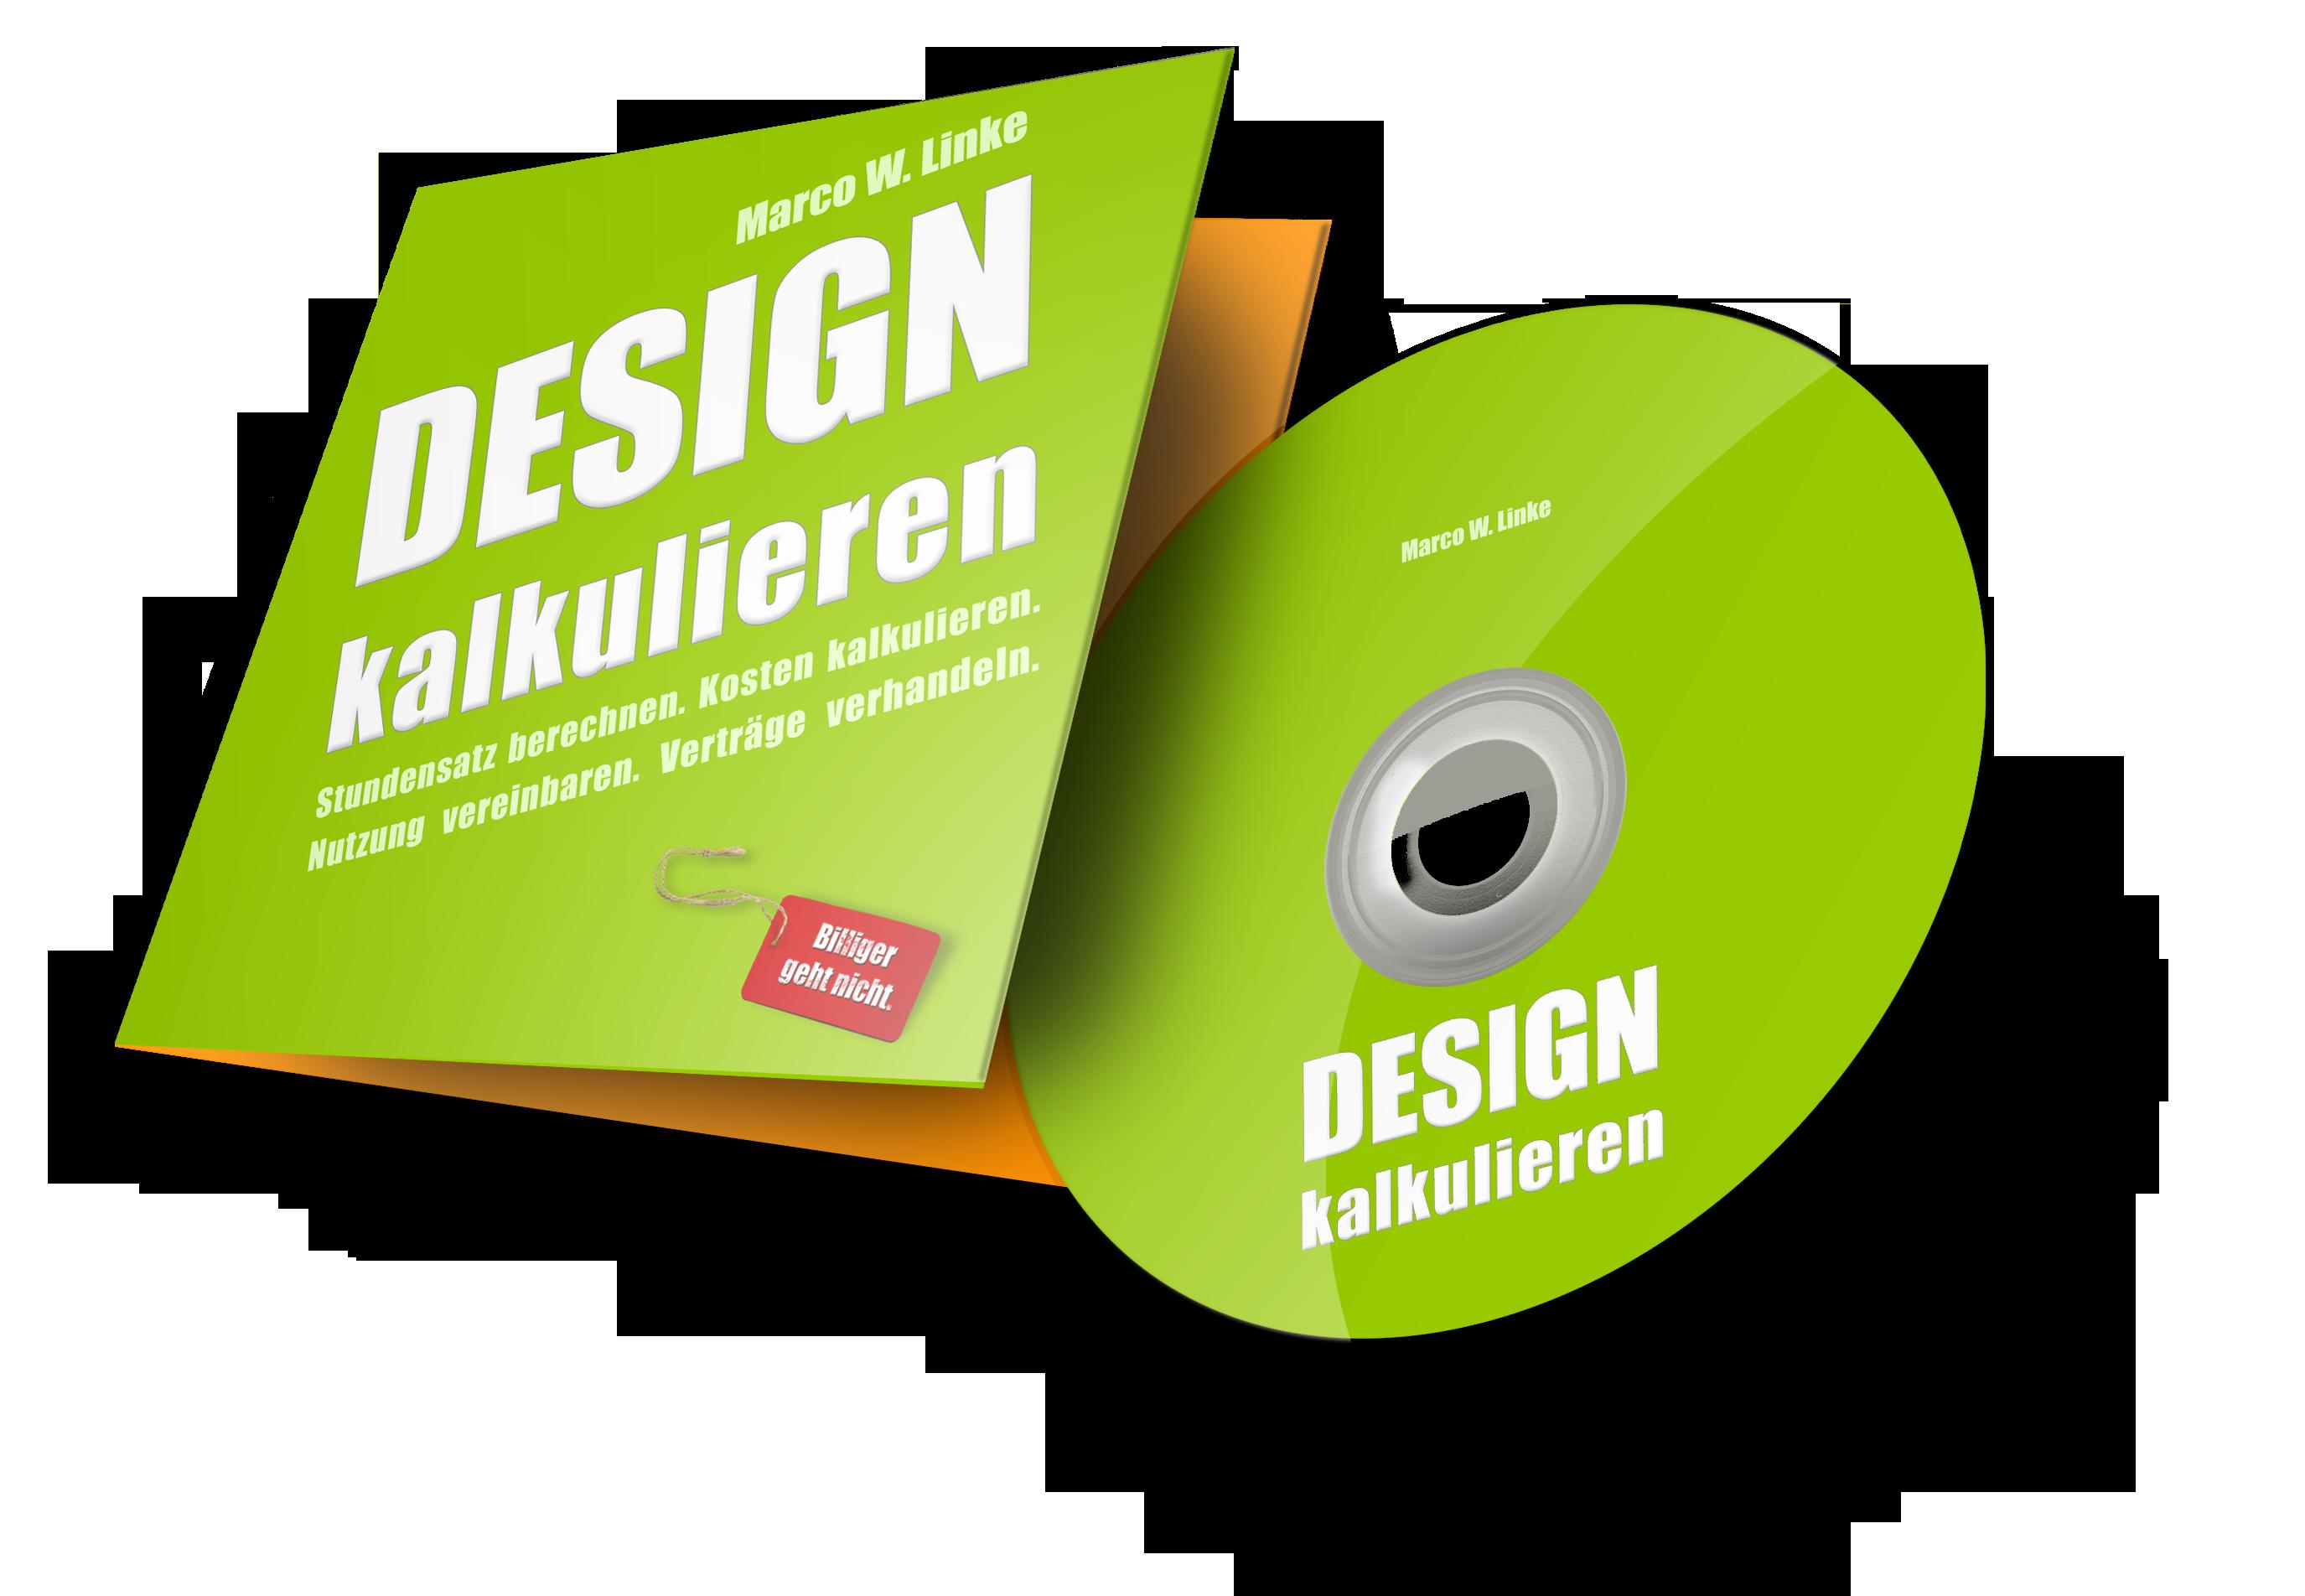 Design kalkulieren: Das Hörbuch.